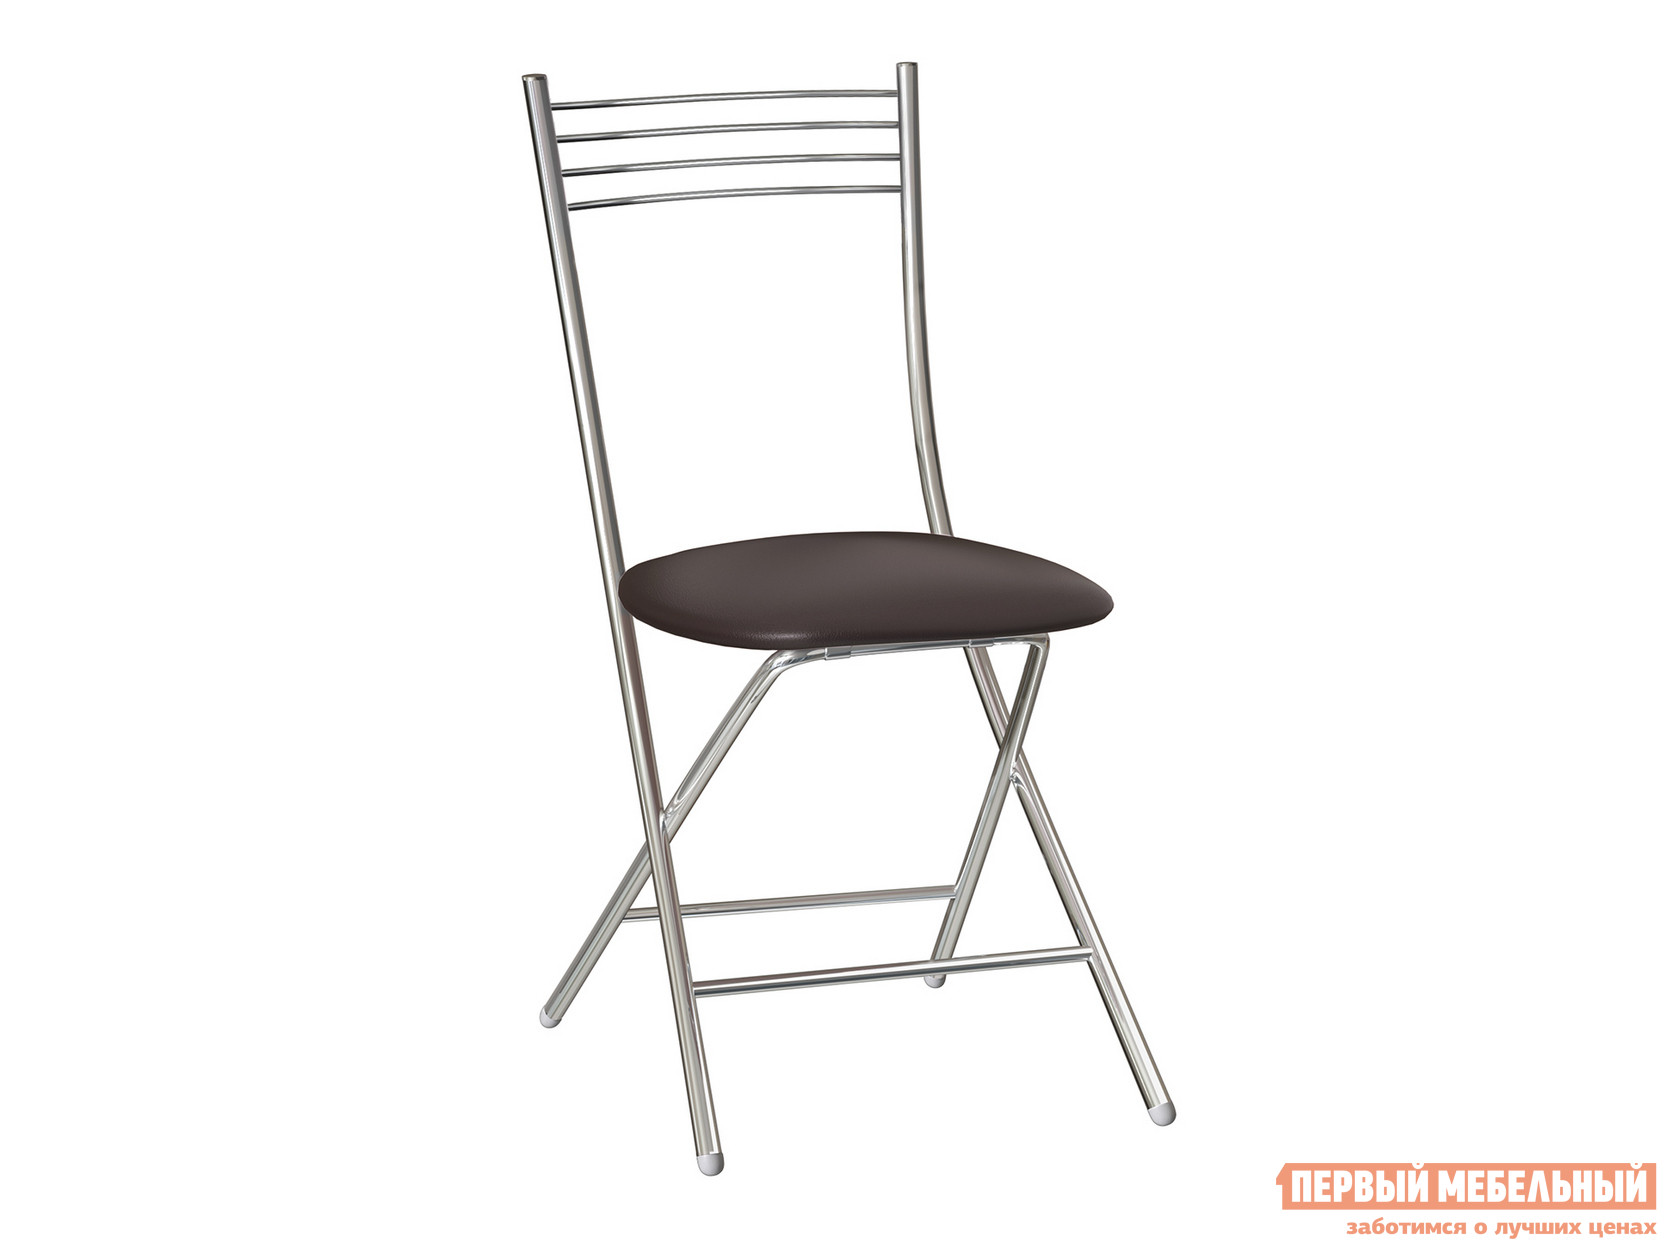 Складной стул Первый Мебельный Стул Райт складной детский стул первый мебельный стул детский регулируемый